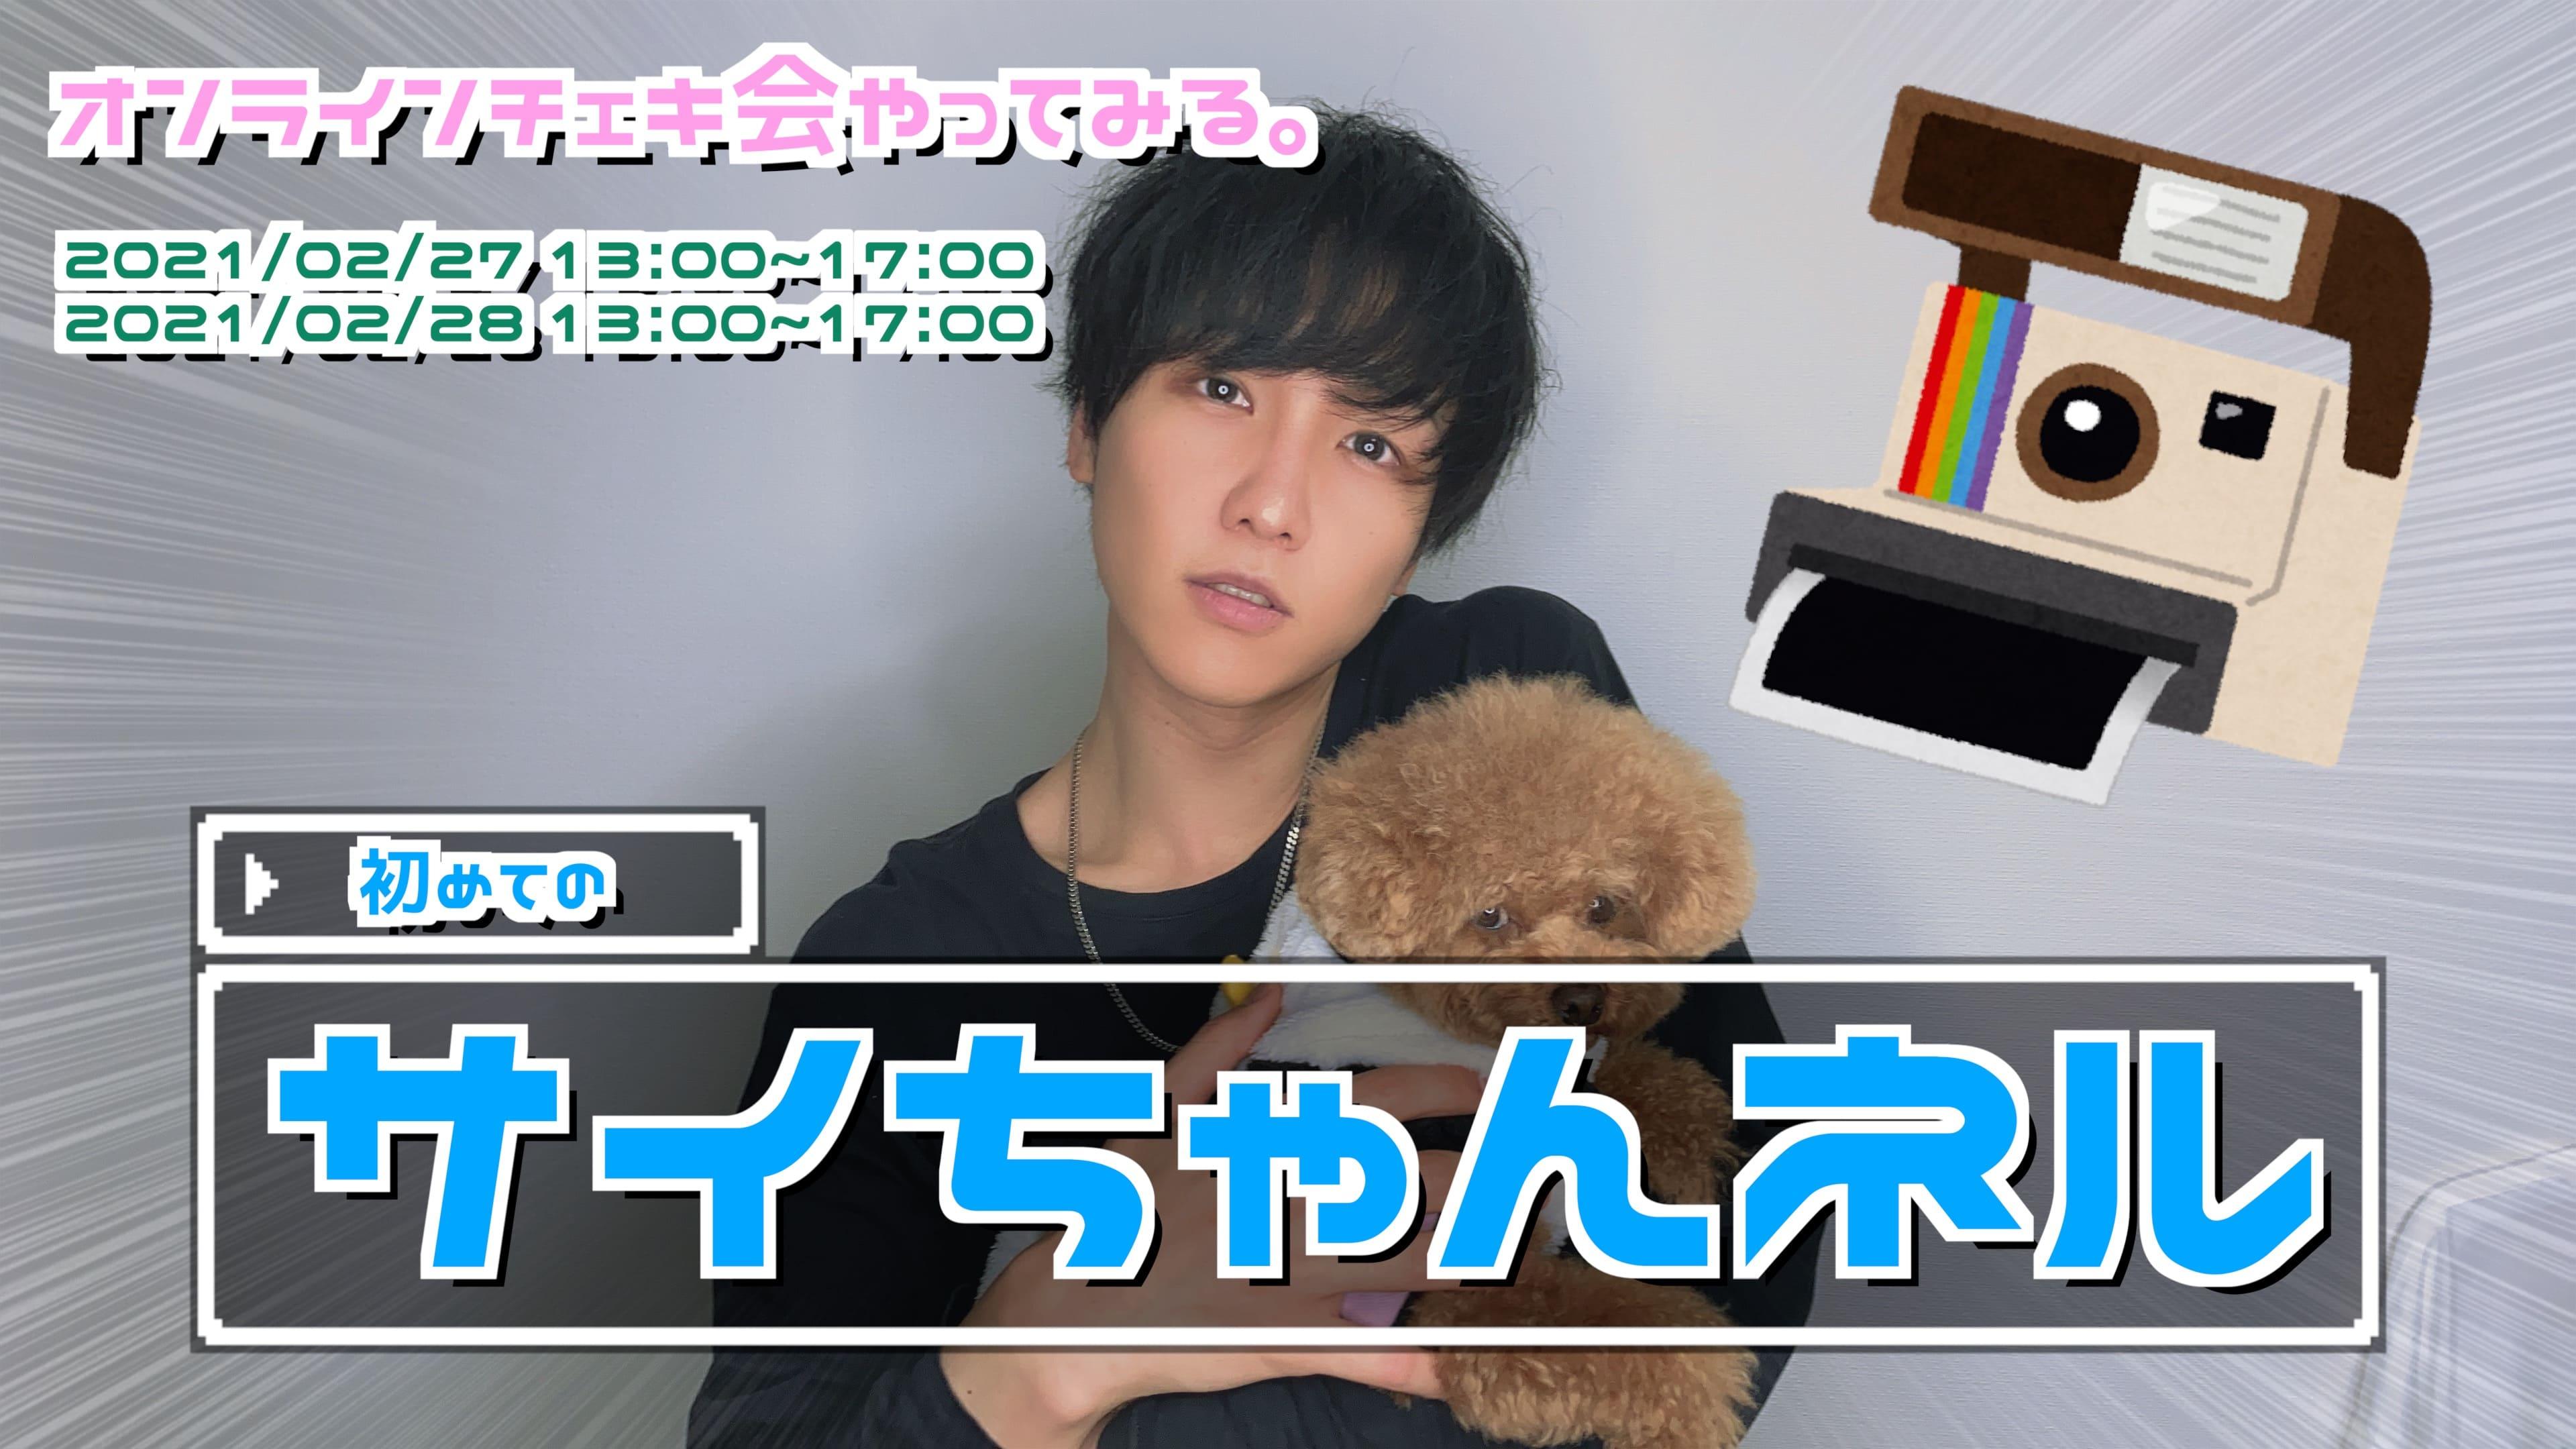 【初】サイちゃんネルのオンラインチェキ会